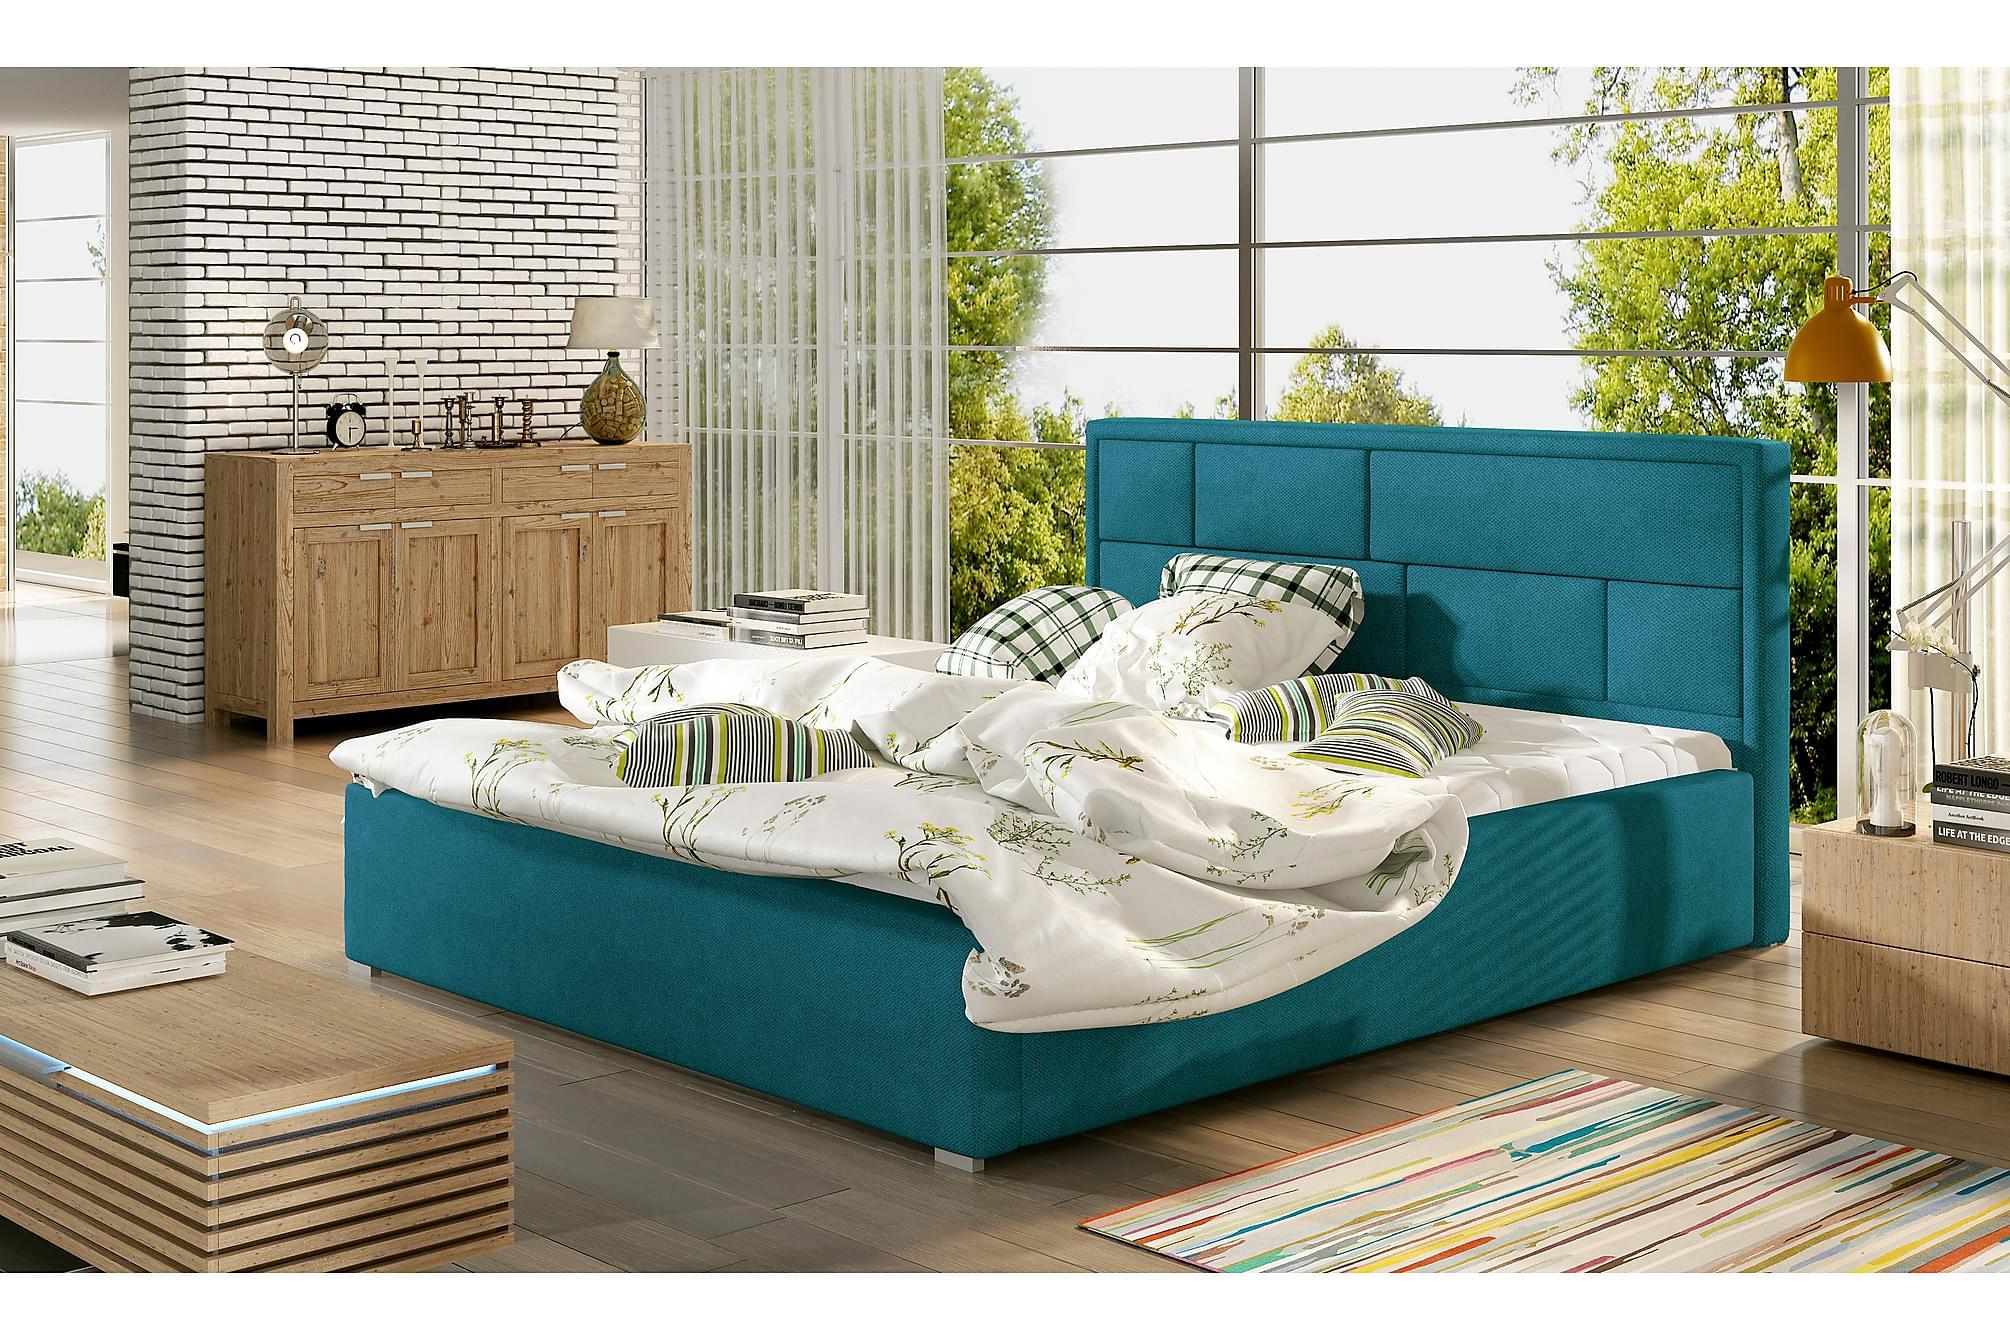 AGULLANA Sängram 160x200 cm Blå, Sängram & sängstomme